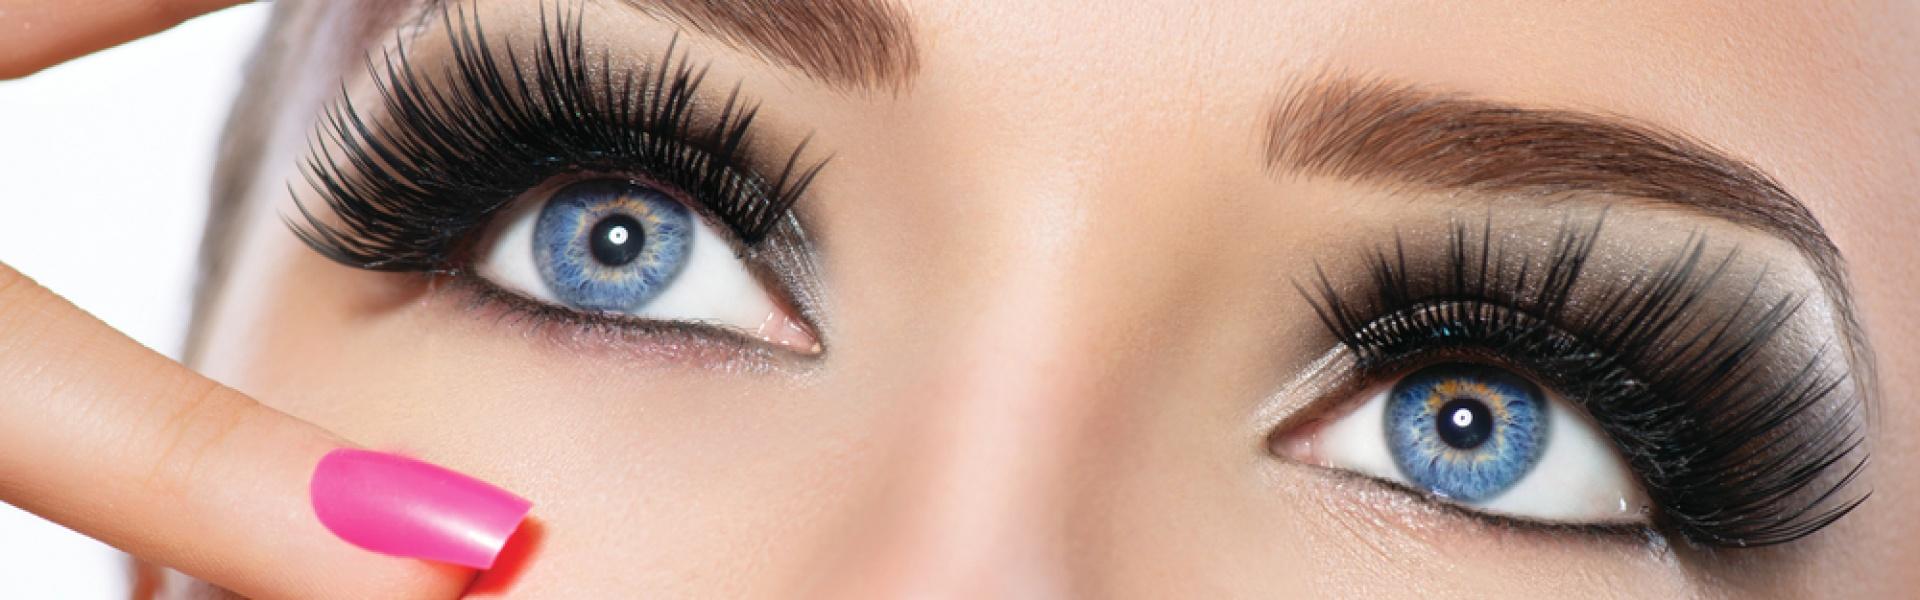 10 Tips For Beautiful Full Eyelashes